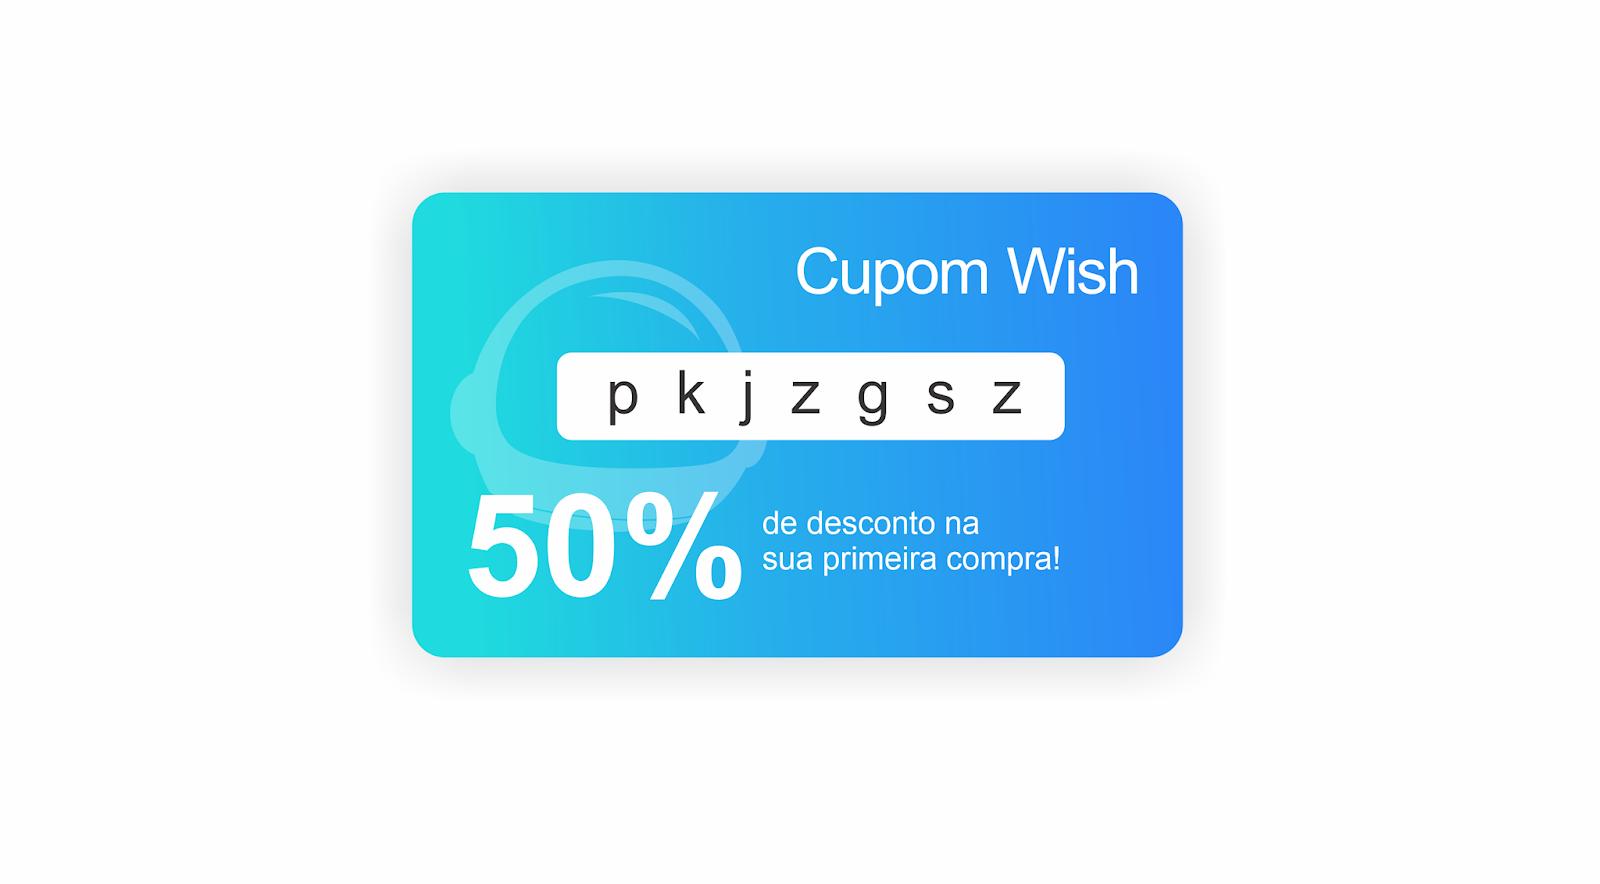 wish cupom